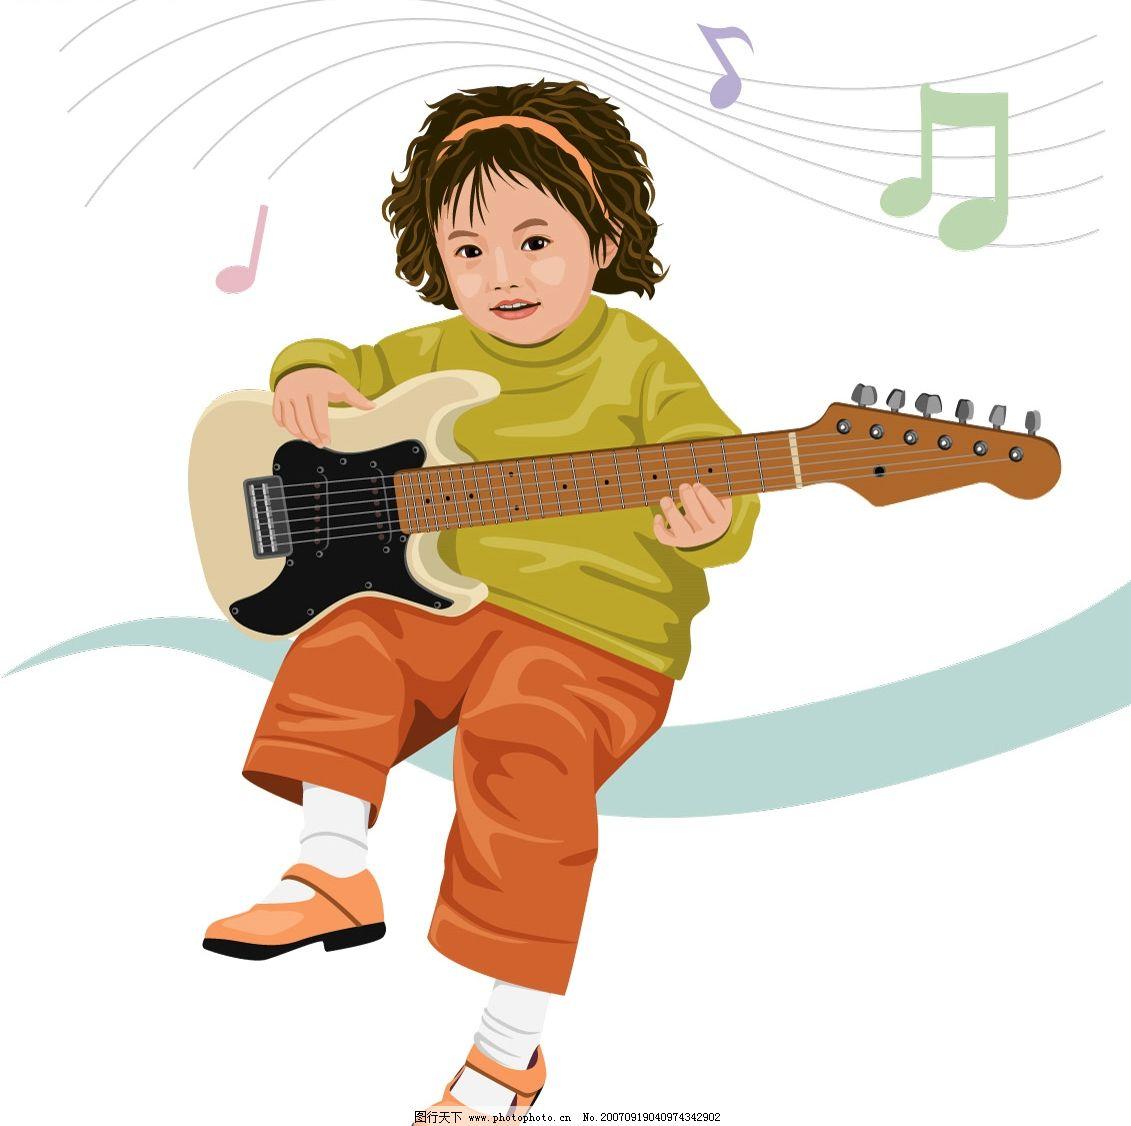 弹吉他女孩 儿童 矢量儿童 韩国儿童矢量图 卡通儿童矢量图 韩国儿童